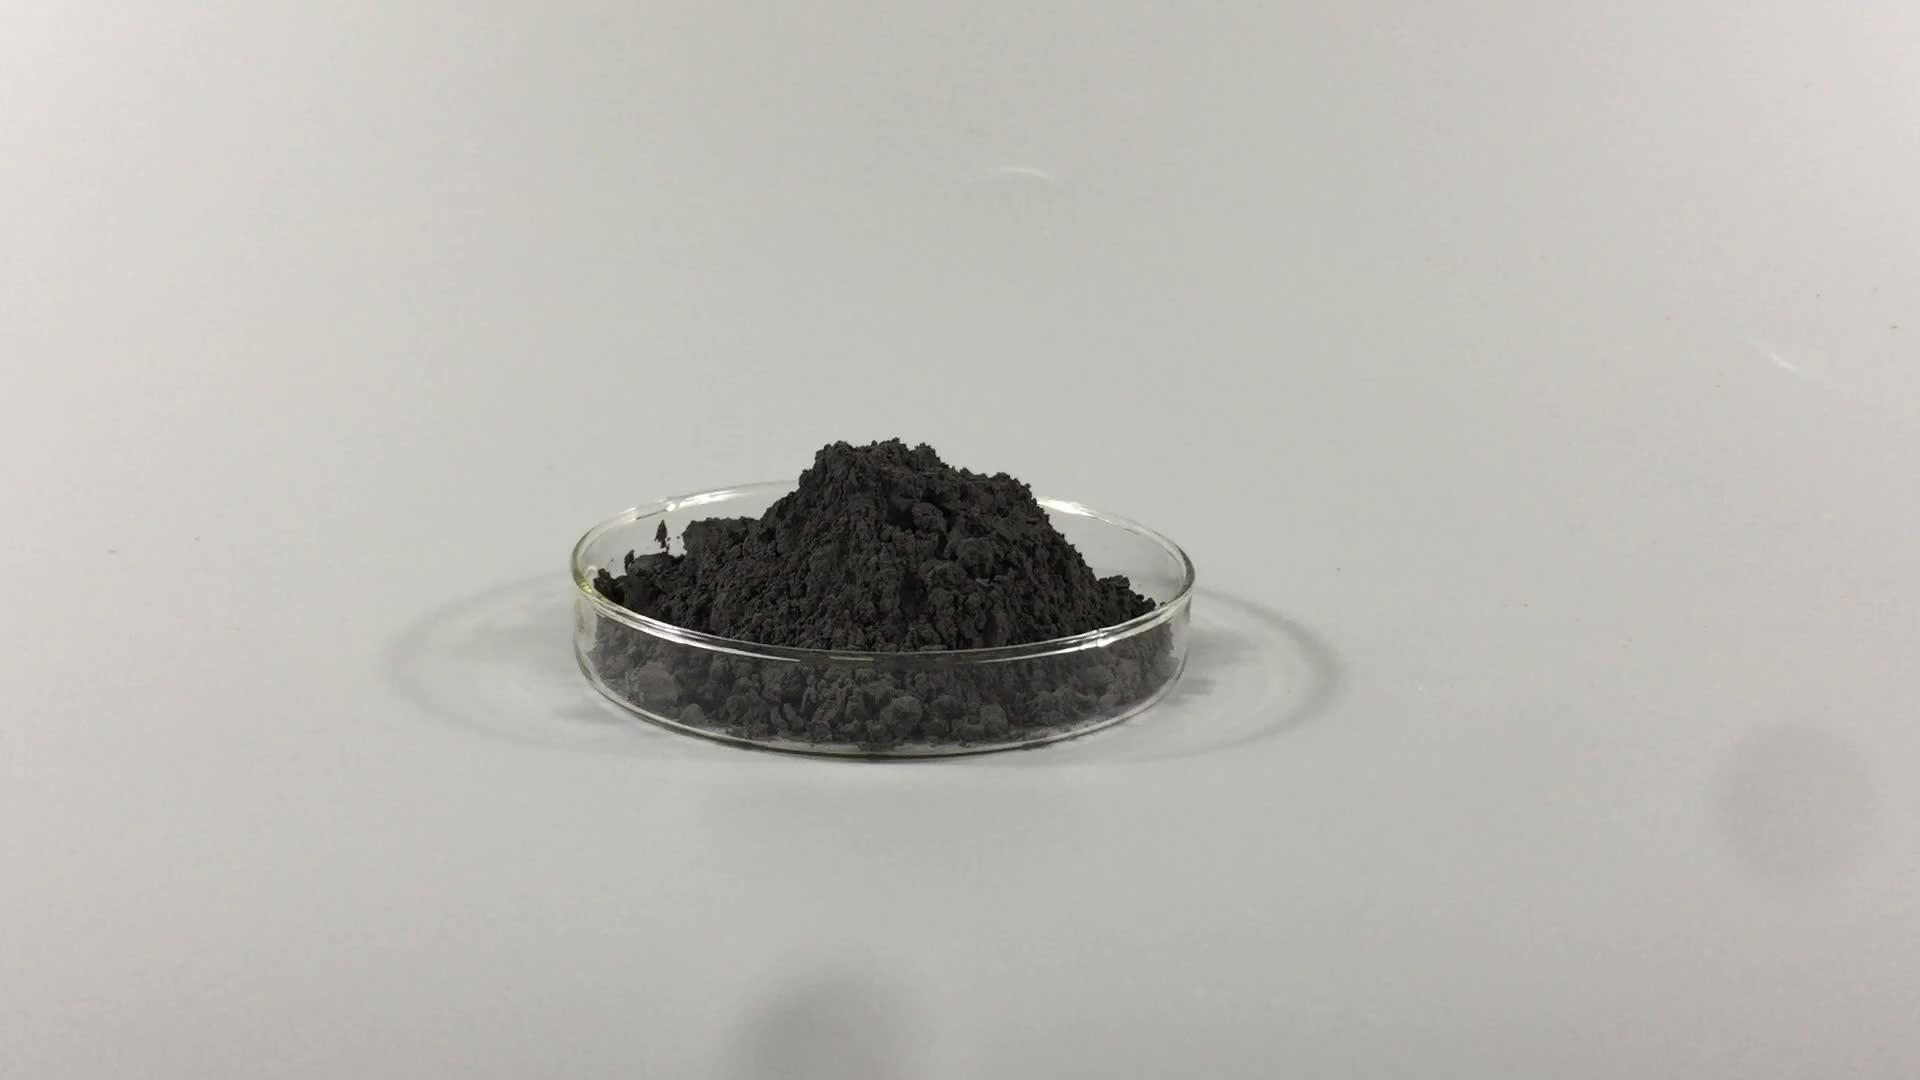 Pó de bissulfeto de molibdênio mos2 CAS 1317-33-5 preço favorável